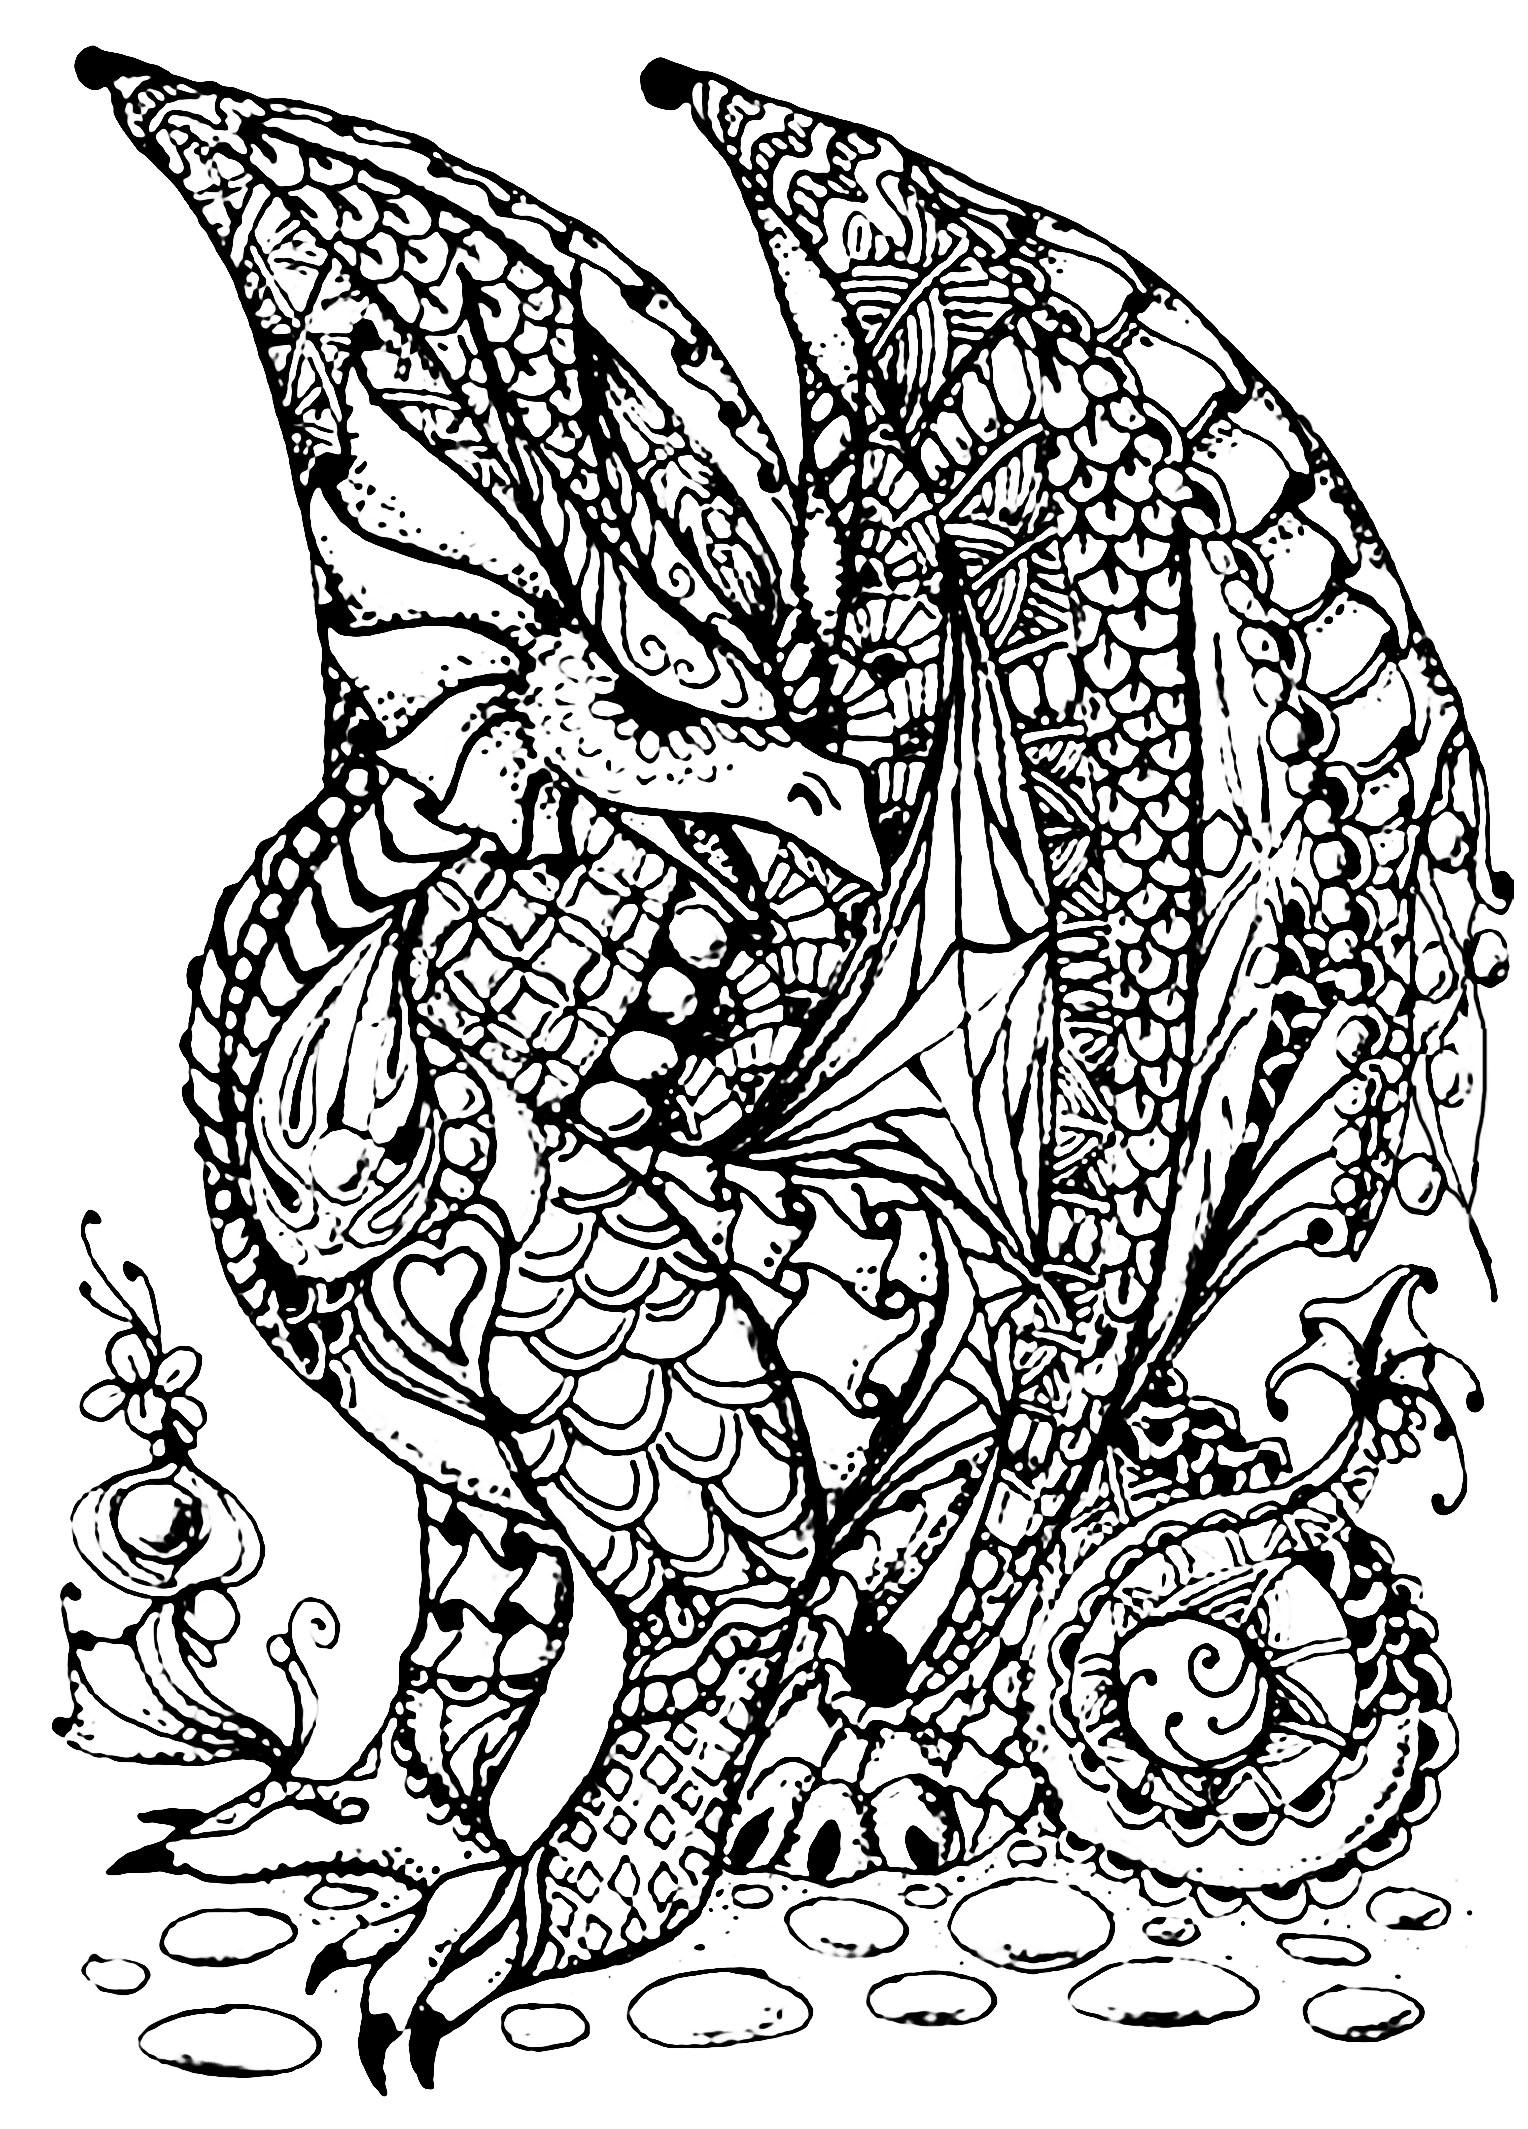 Gratuit dragon complexe coloriage chevaliers et de - Site de coloriage gratuit ...